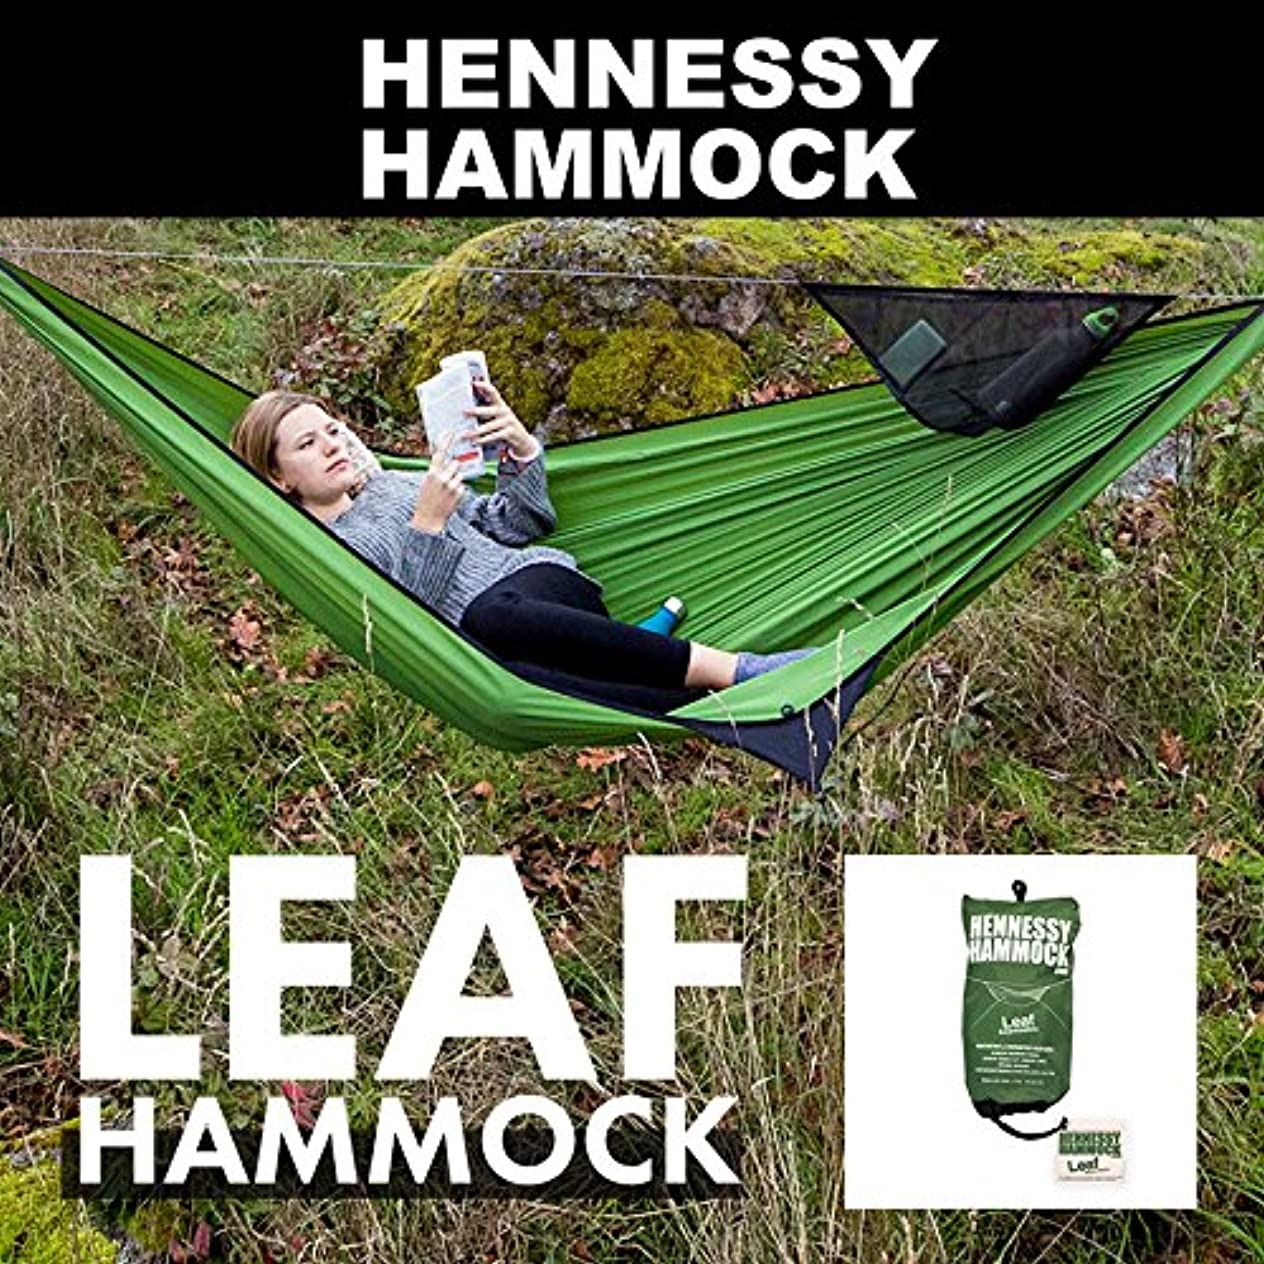 送る集める不十分な(ヘネシーハンモック) Hennessy Hammock リーフハンモック 12880020018000